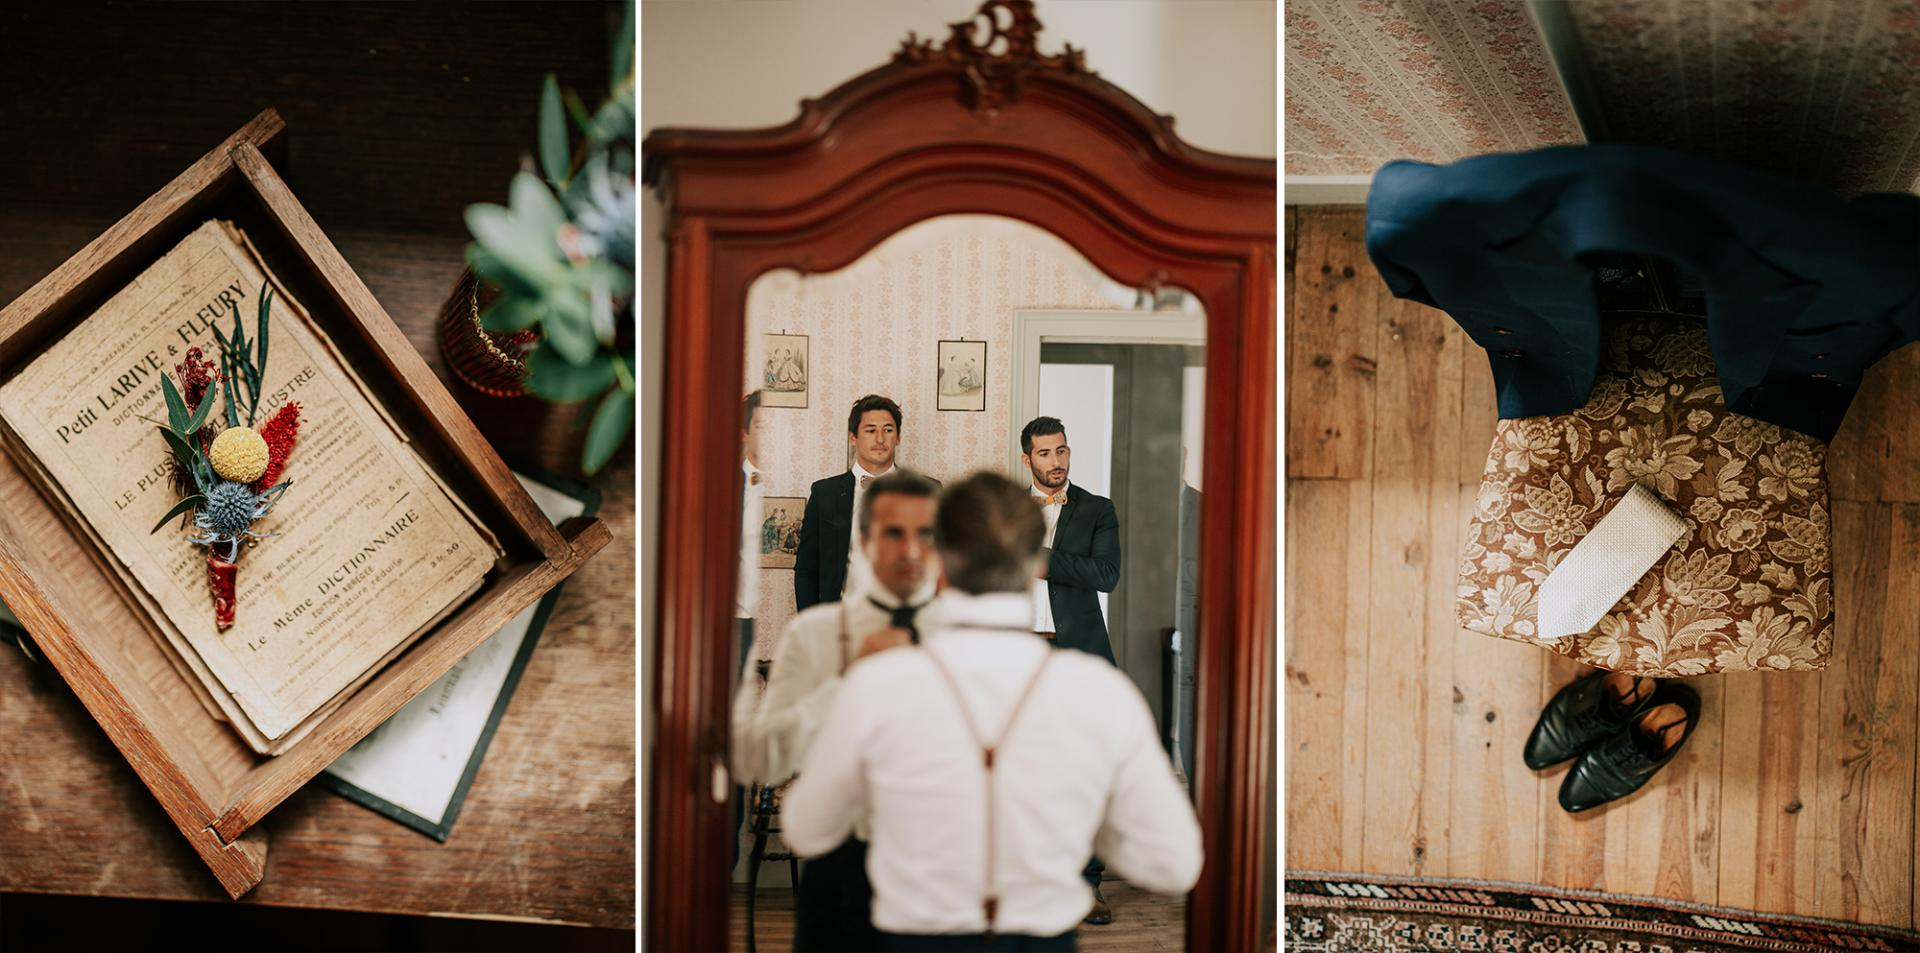 8 photographe landes dax mariage allison micallef preparatifs du marie